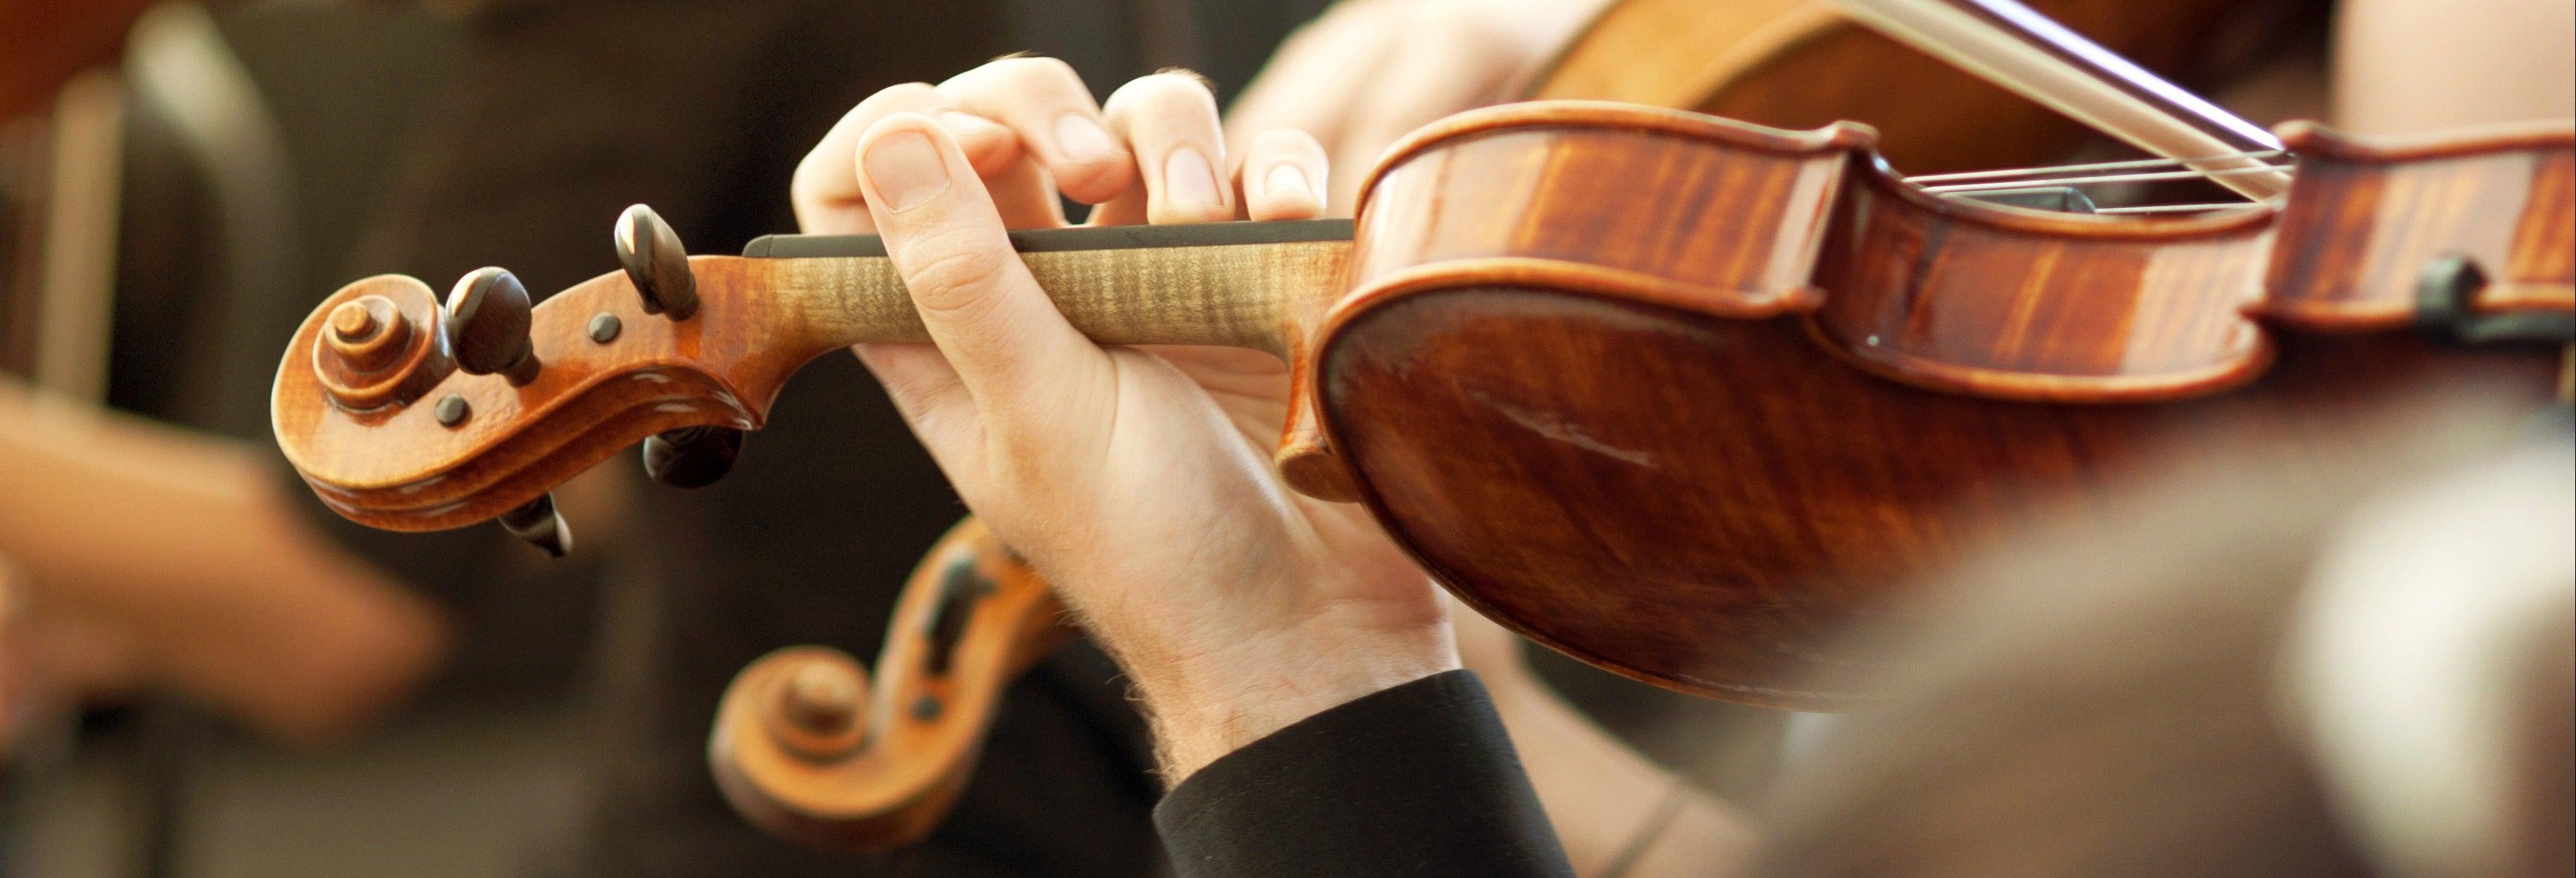 Concerto de música clássica na Madeleine